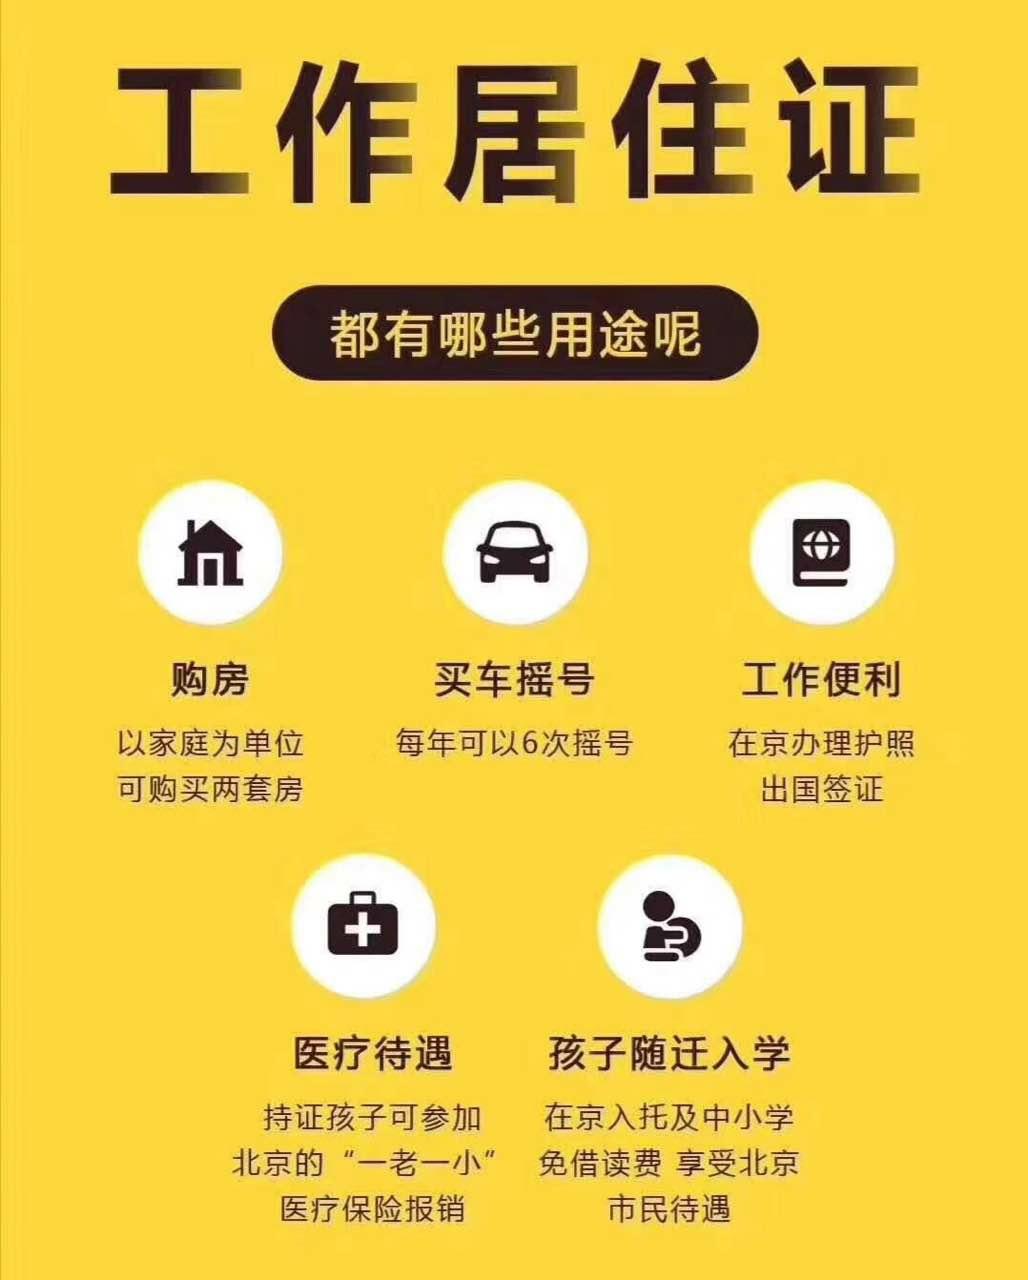 6月份北京市工作居住证如何办理